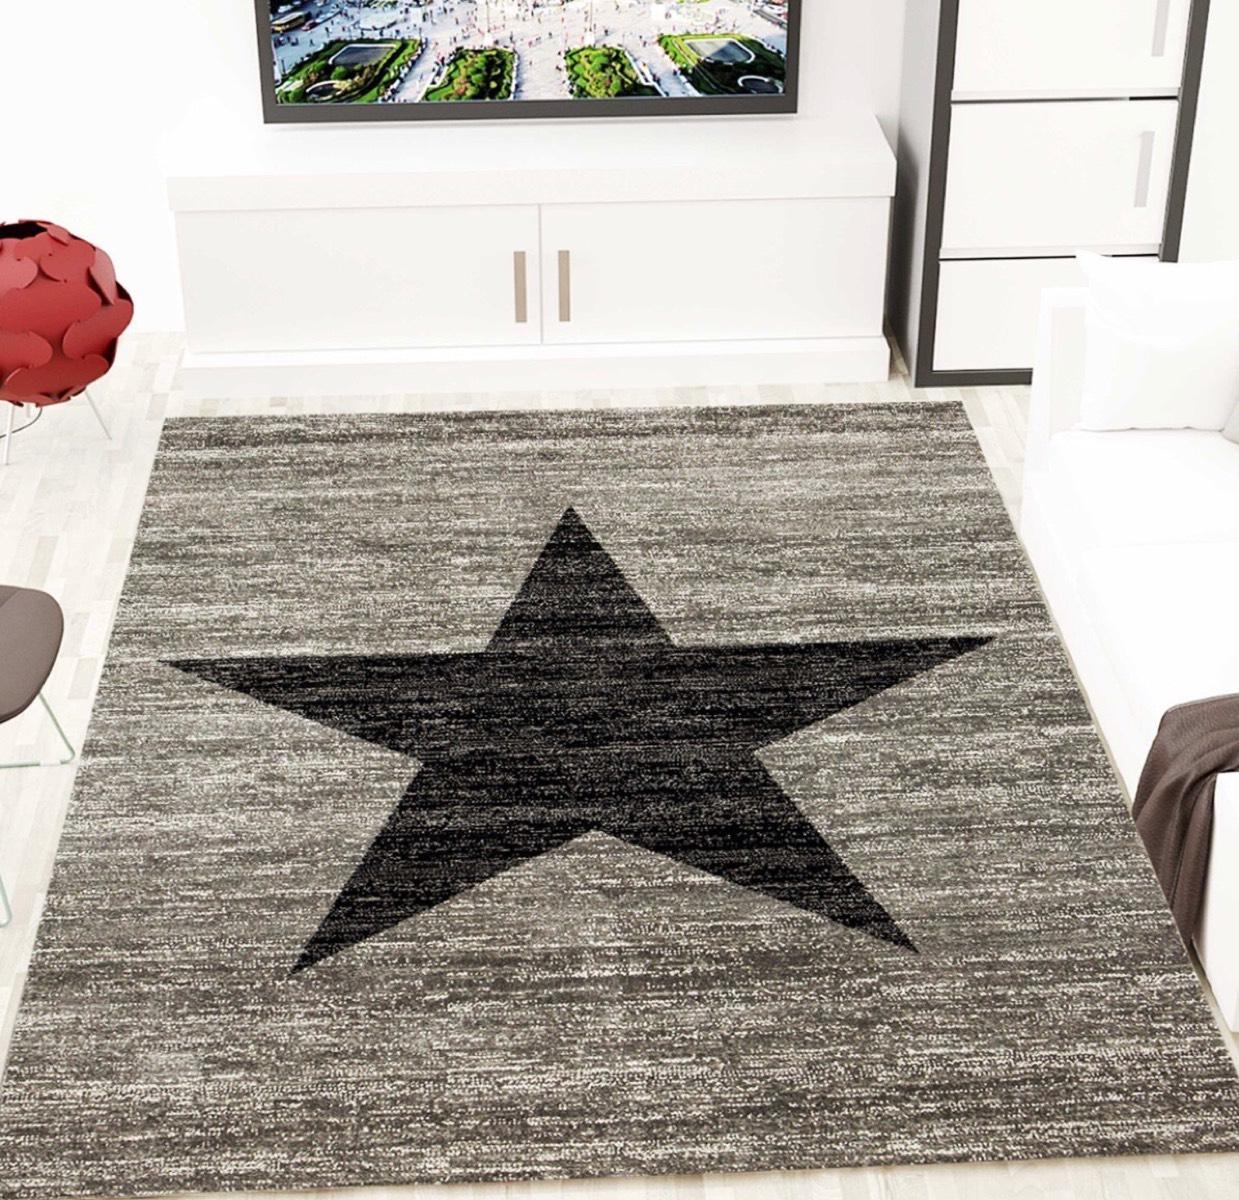 [Amazon] Teppich Fußabstreifer Fußmatte 40x60 grau mit Stern - keine VSK